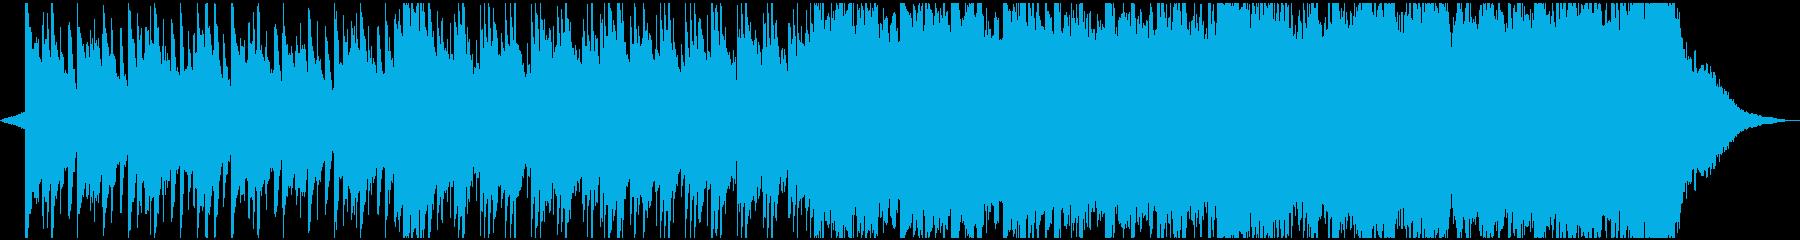 【ショートVer】感動 バラードワルツの再生済みの波形